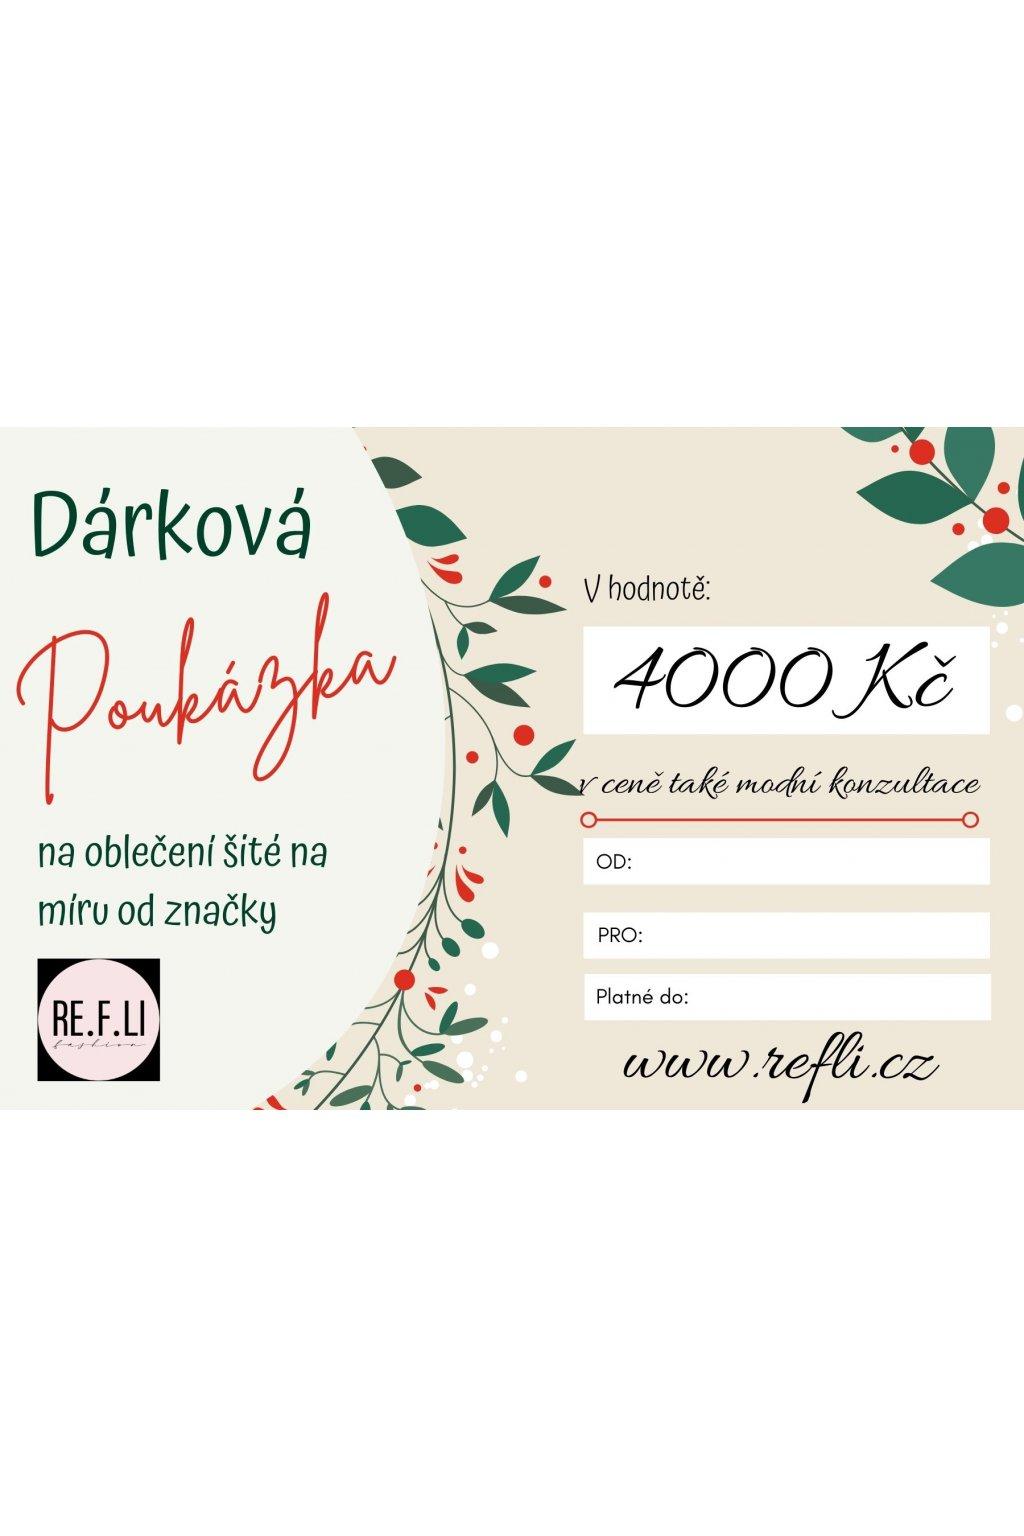 143 darkovy poukaz v hodnote 4000 kc